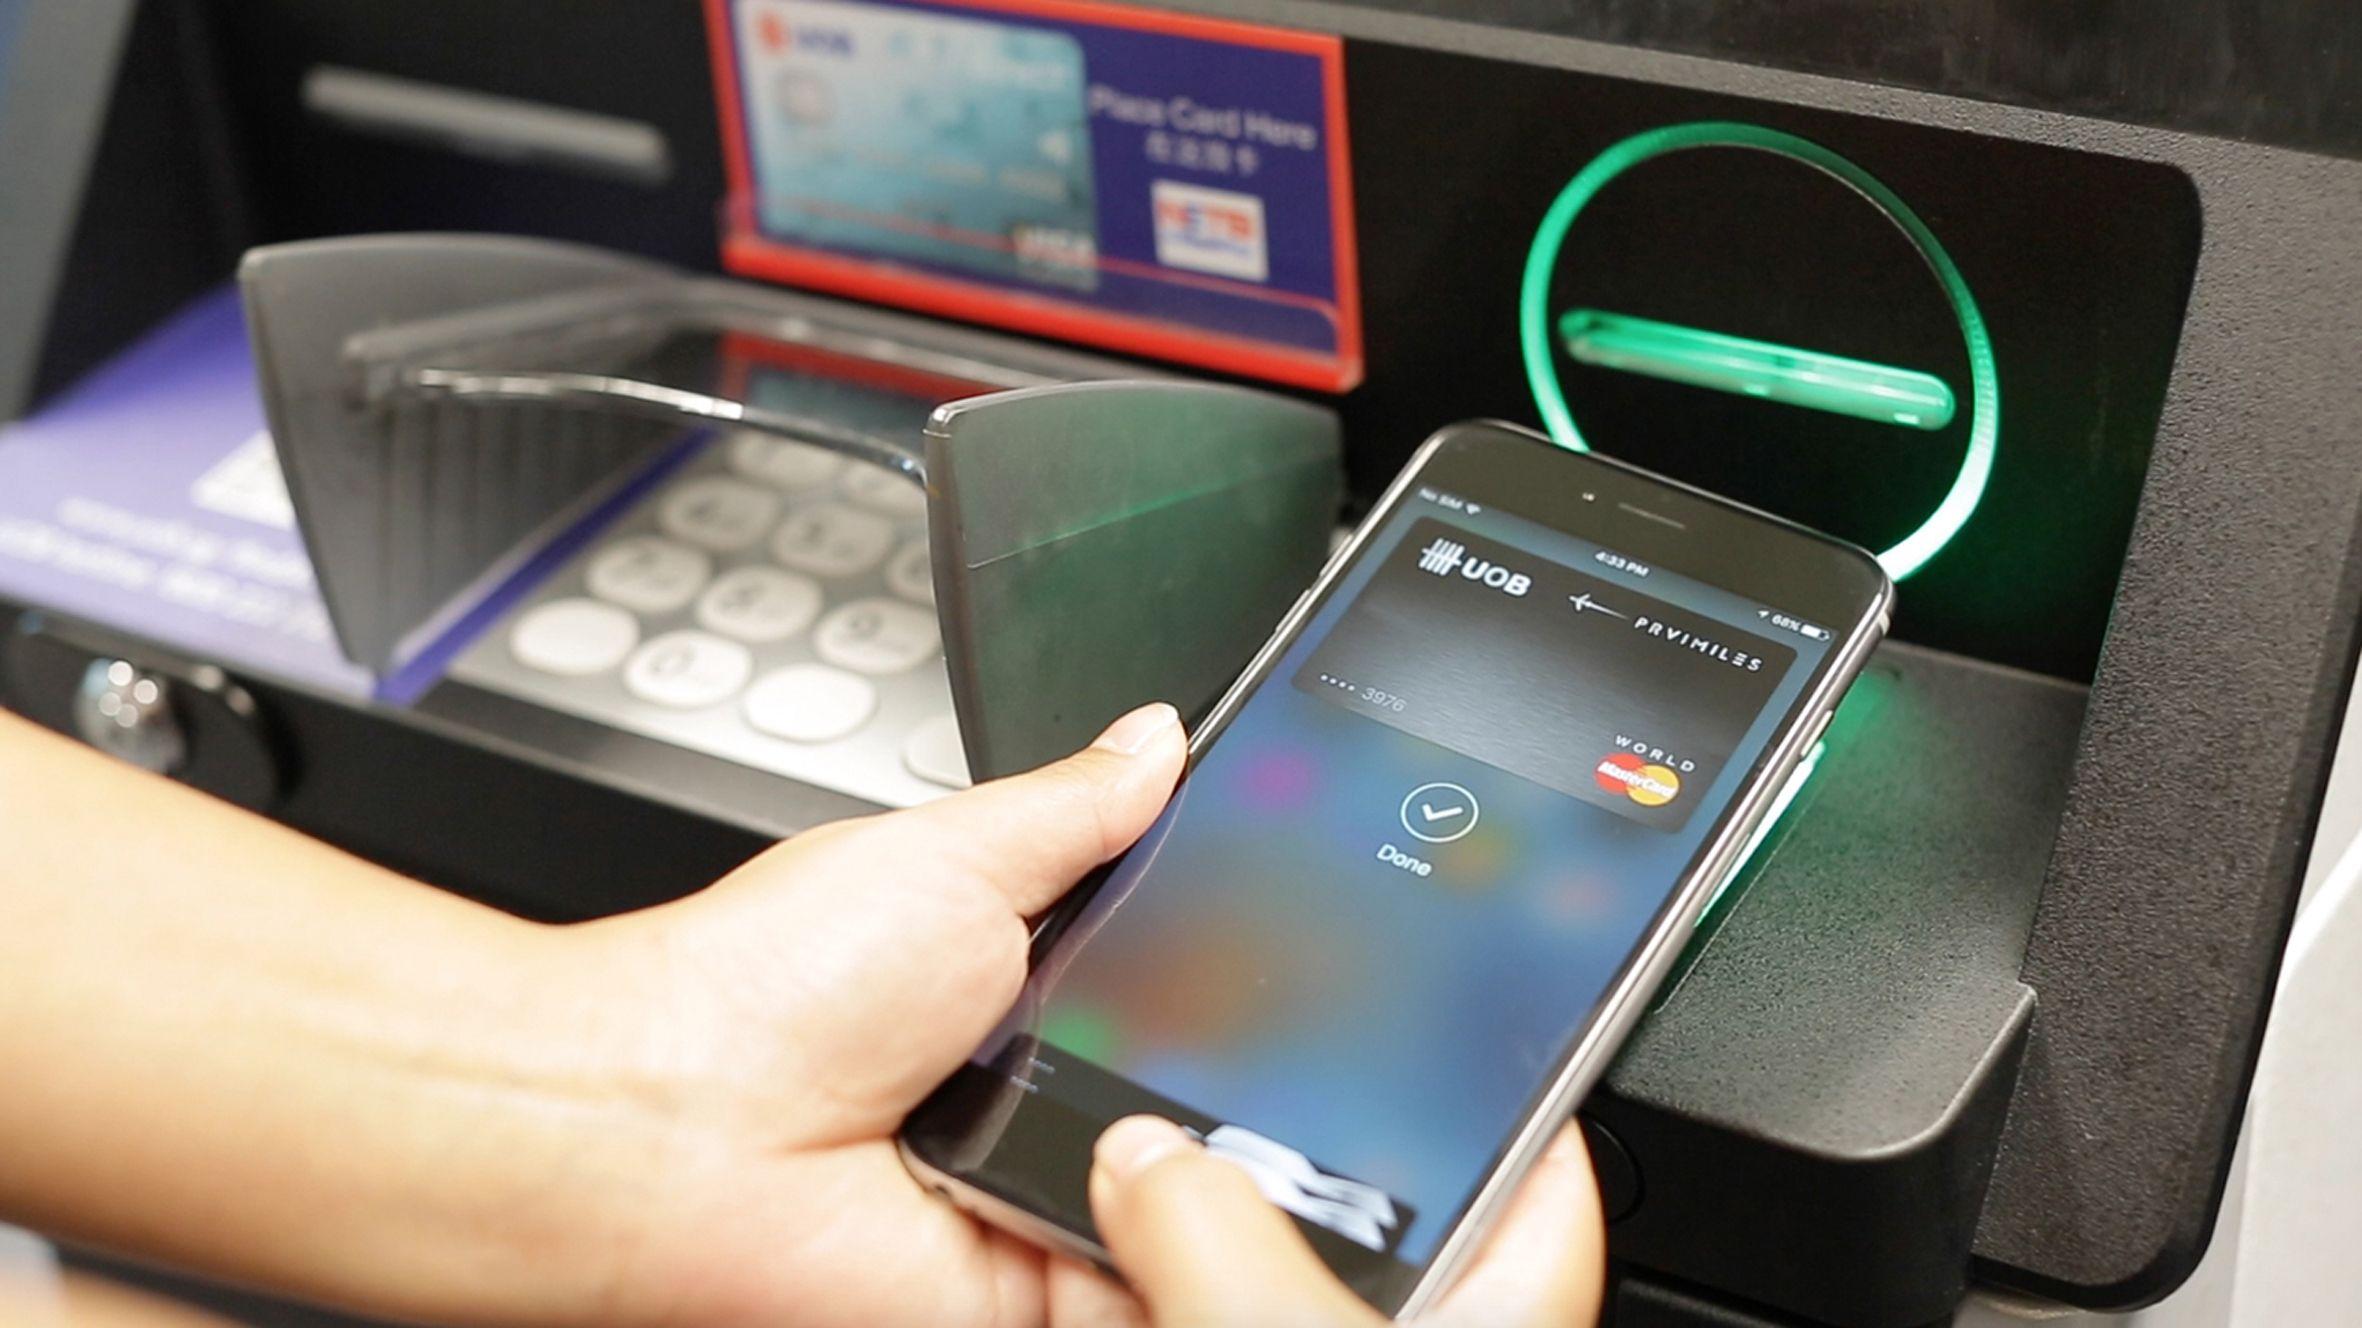 В Российской Федерации банкоматами будут пользоваться через мобильные телефоны — Водно касание